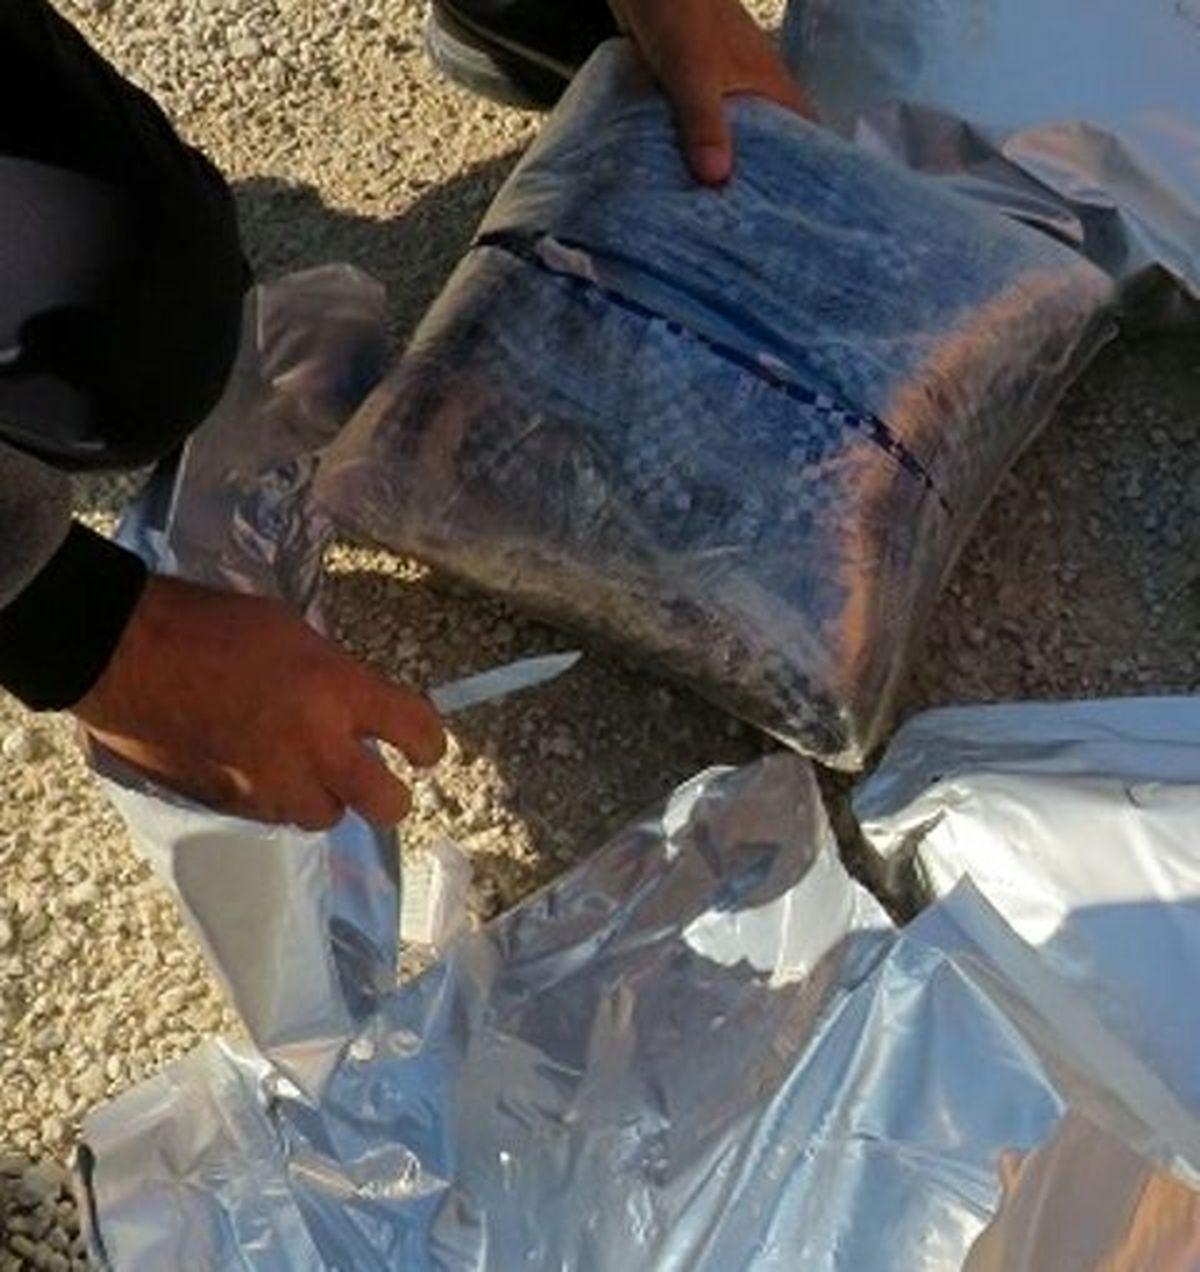 کشف 8 کیلو گرم تریاک جاساز از یک دستگاه خودرو در قزوین